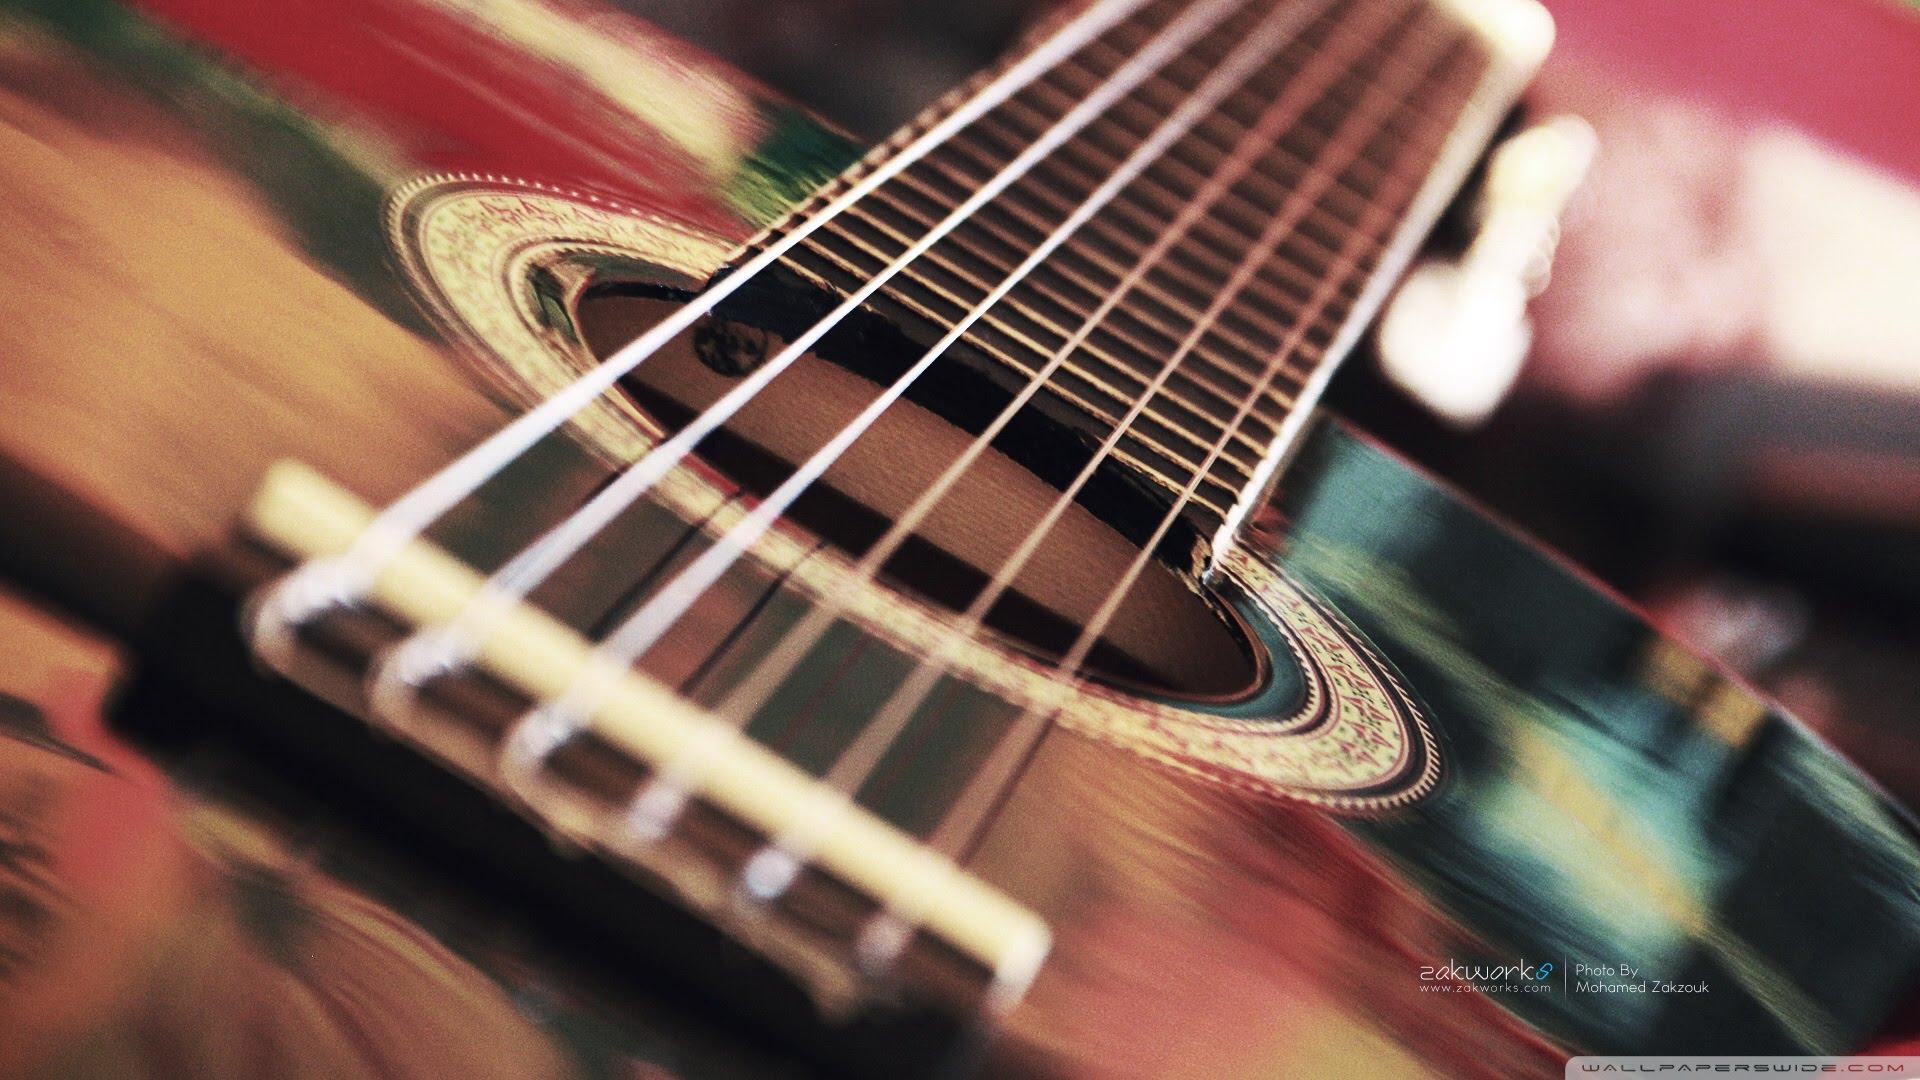 Học Guitar đệm hát nhanh nhất Trong bao lâu?